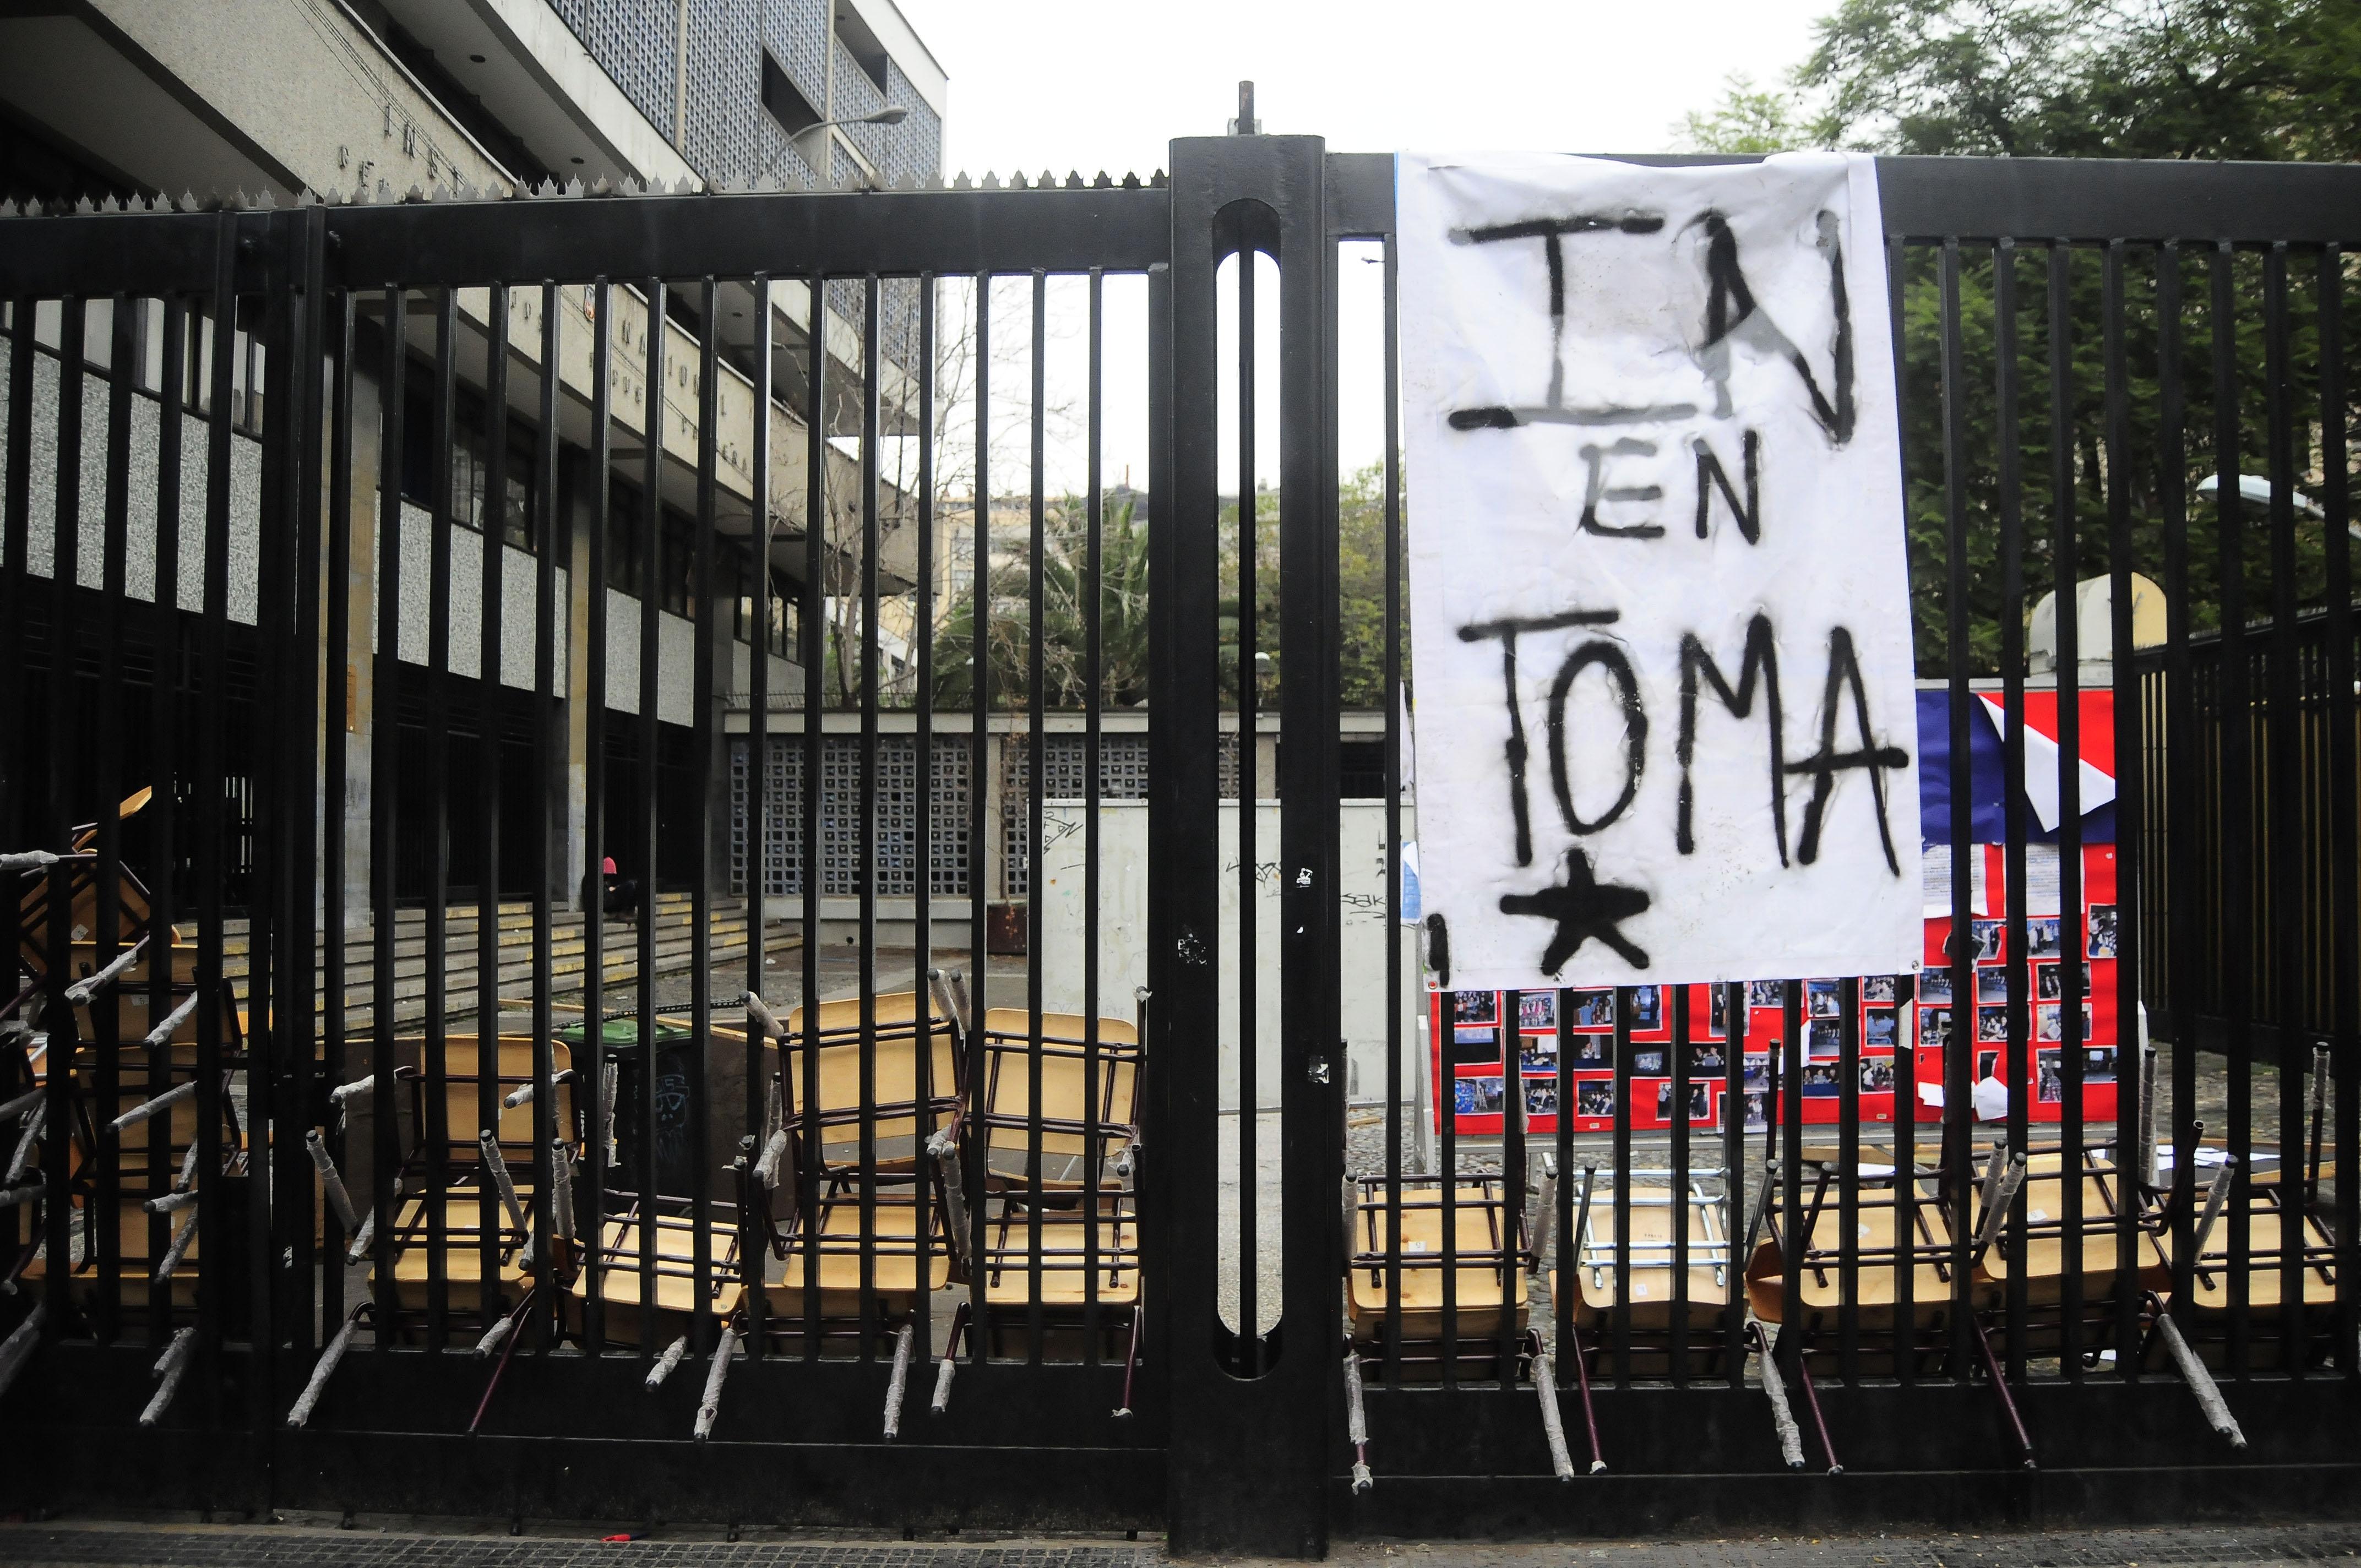 Alumnos del Instituto Nacional nuevamente votan a favor de la toma